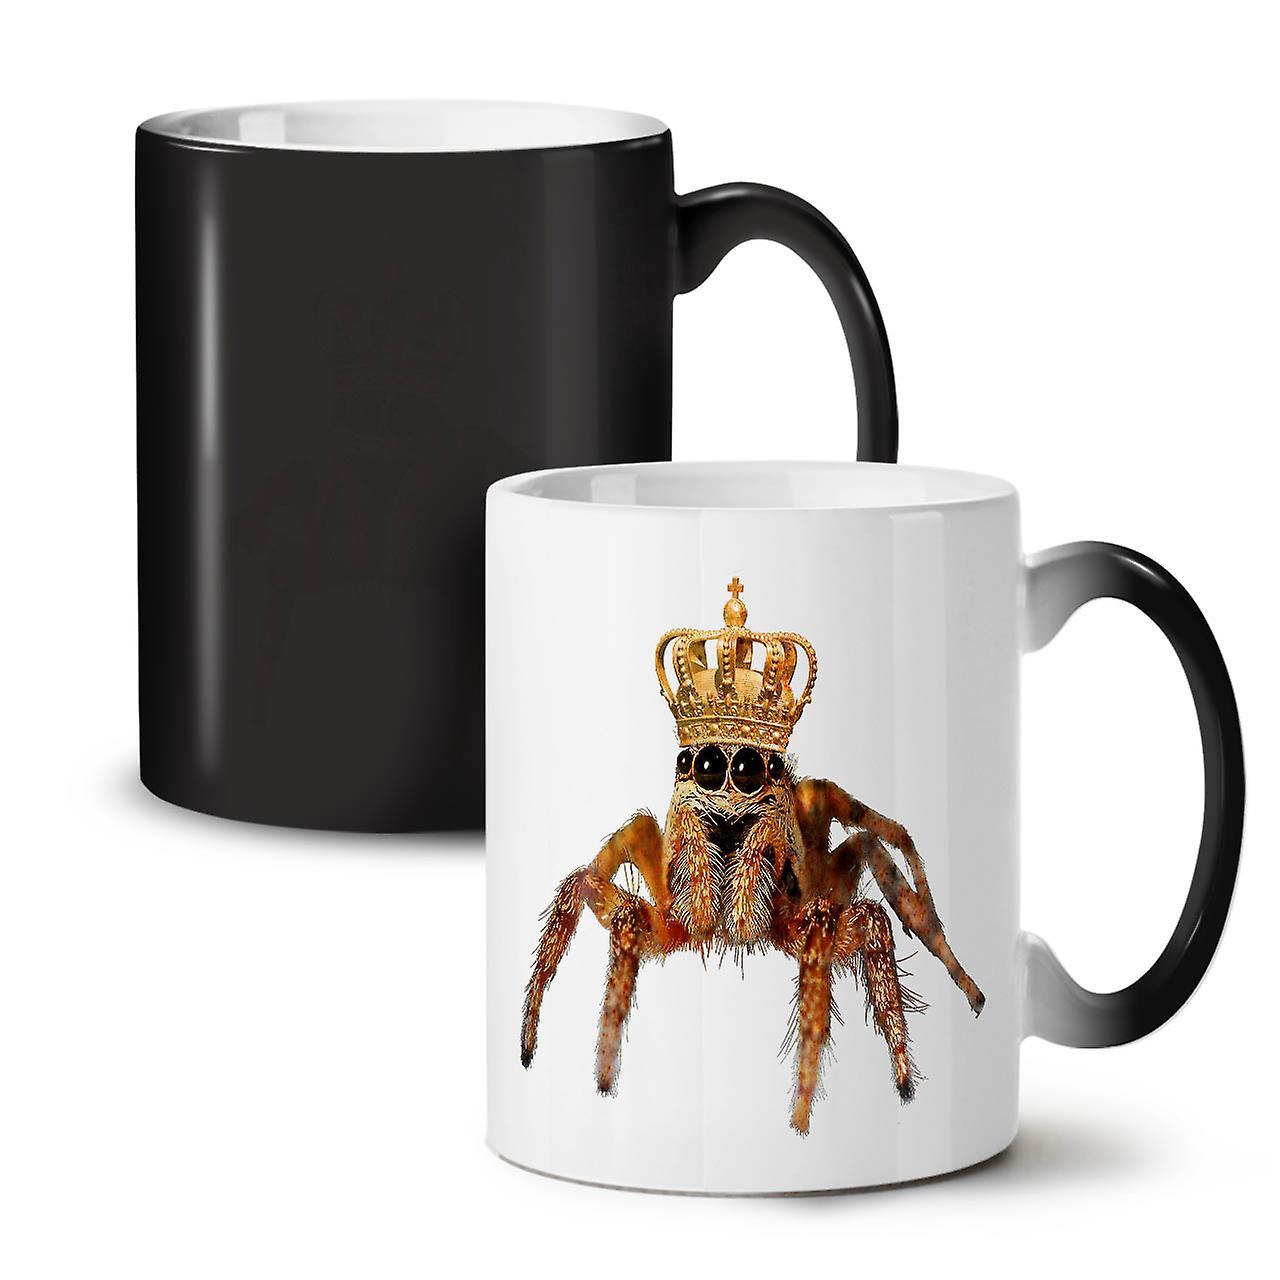 King Tasse Nouvelle Noire Céramique Changeant Café Spider Thé 11 OzWellcoda Couleur O8nPk0w